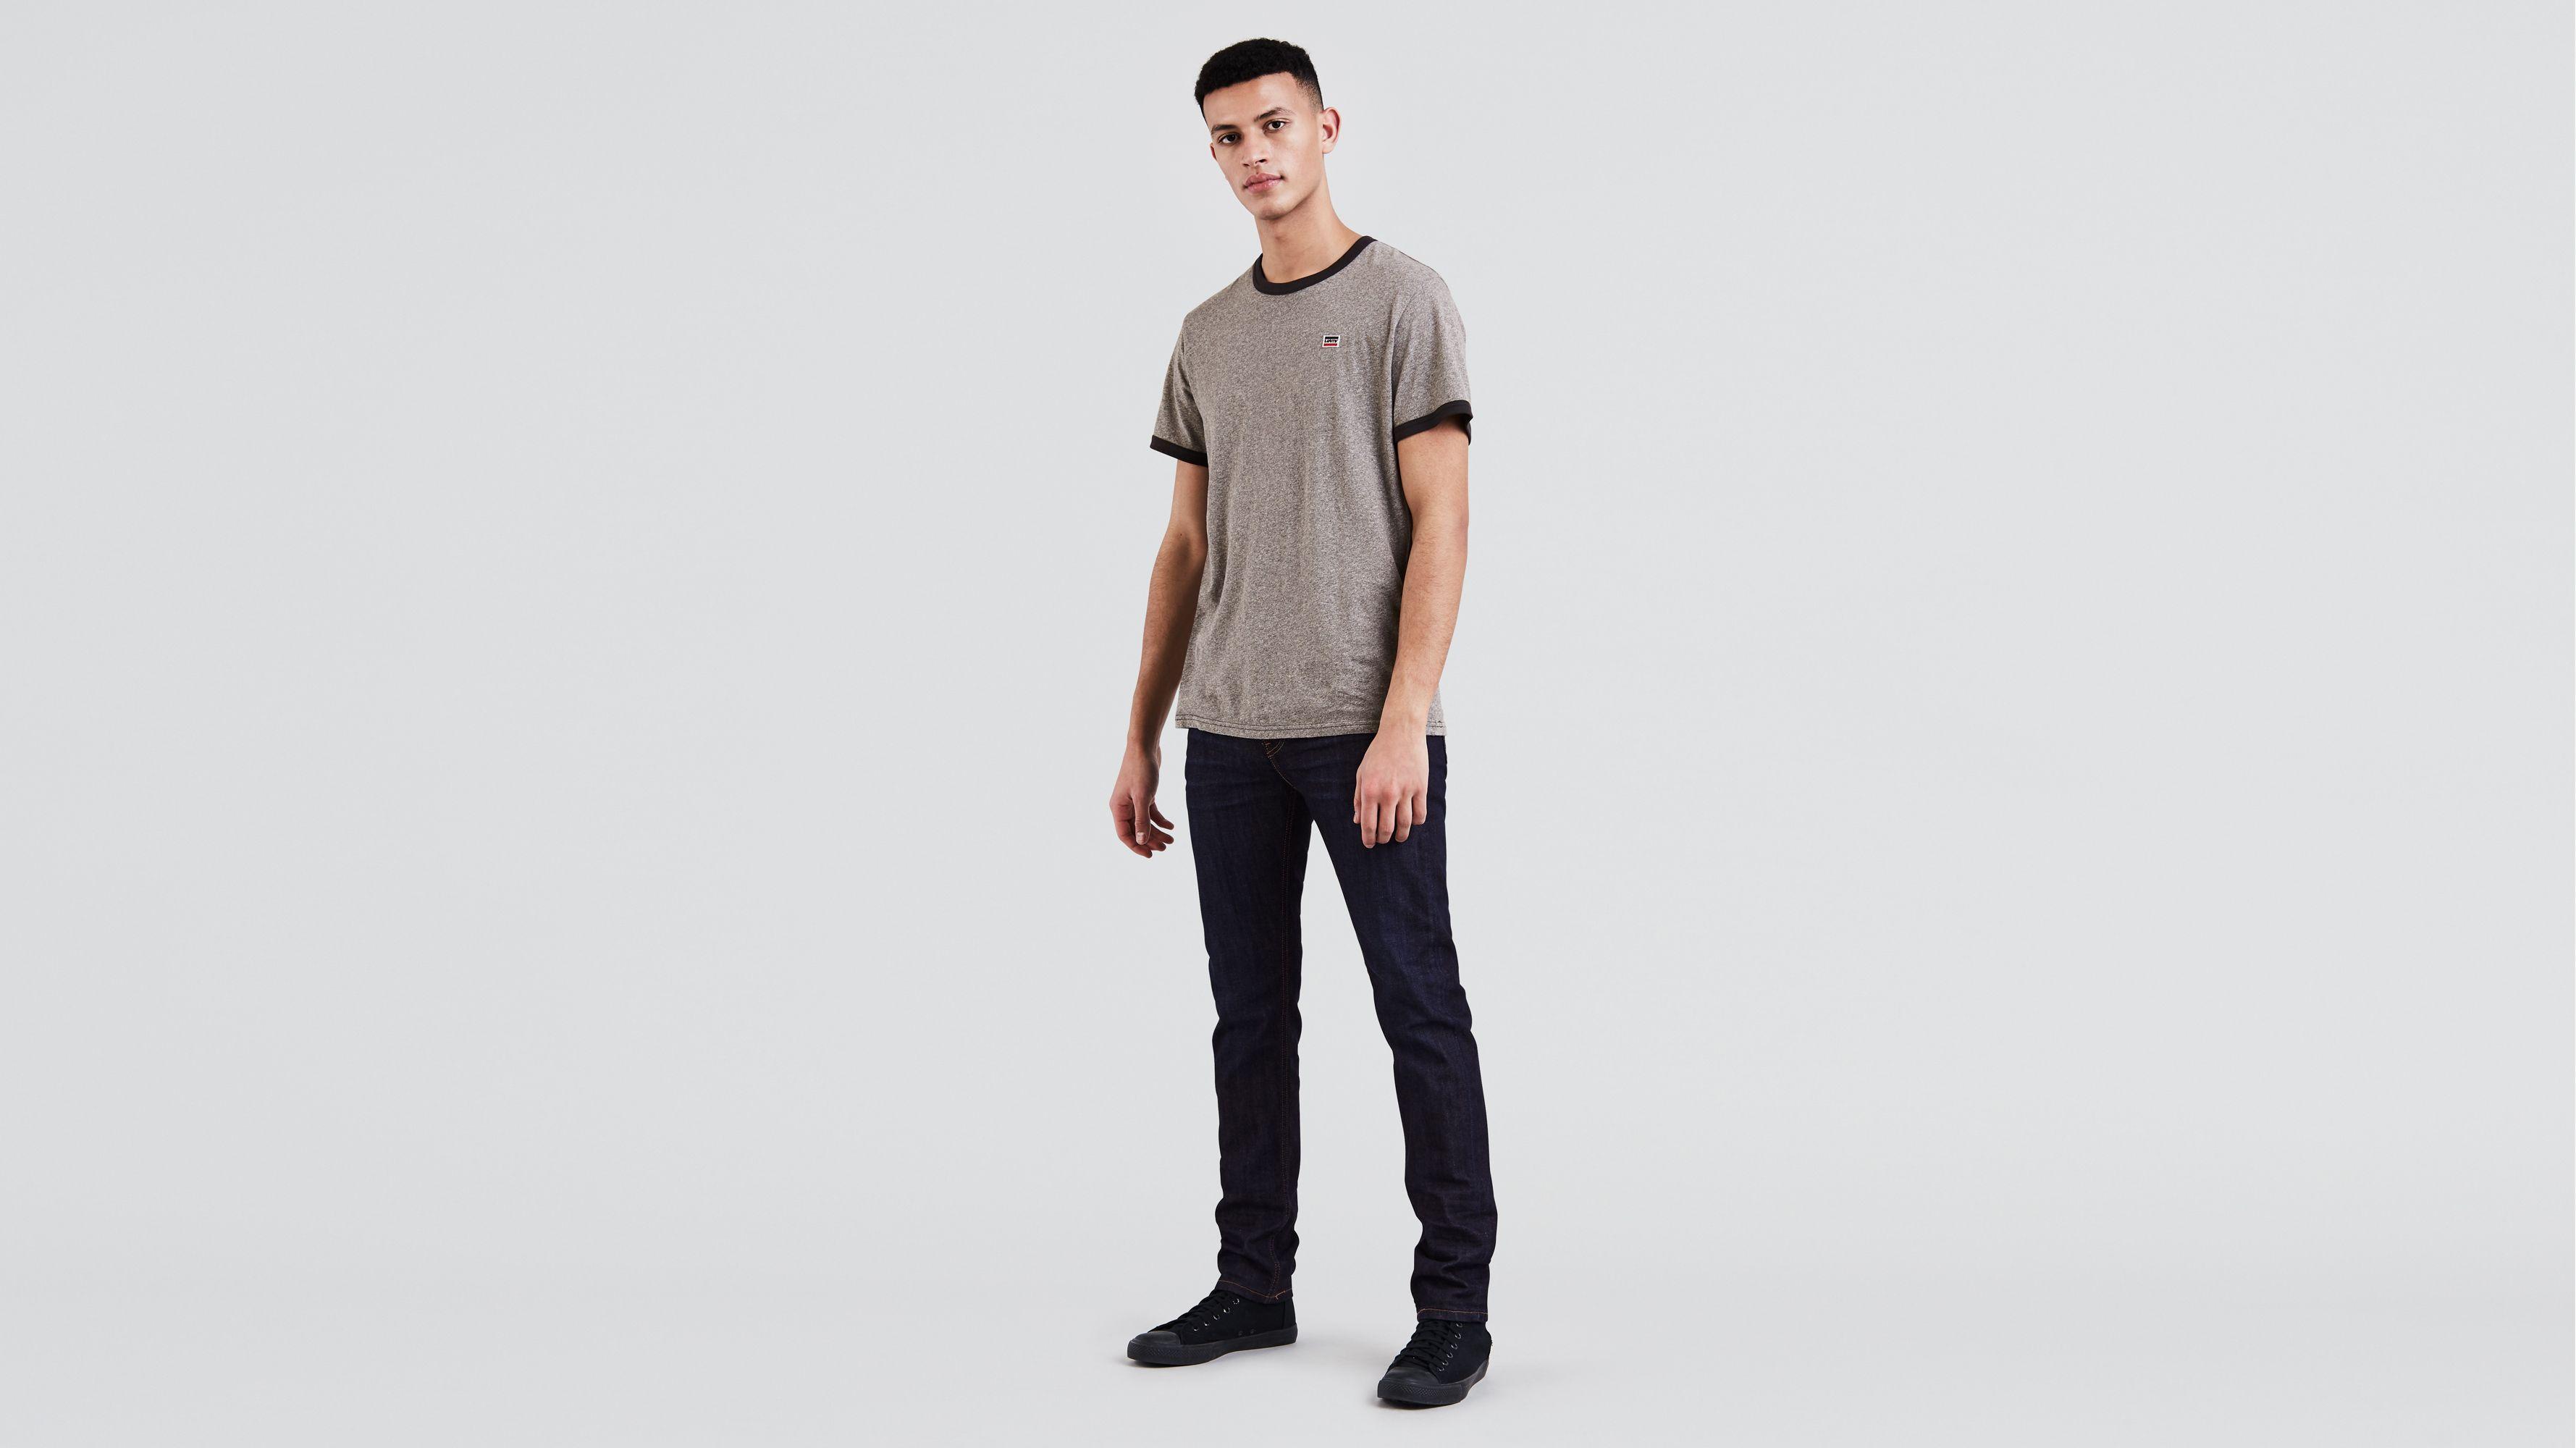 MenUs Skinny For Shop 510 Levi's® Jeans O0Pknw